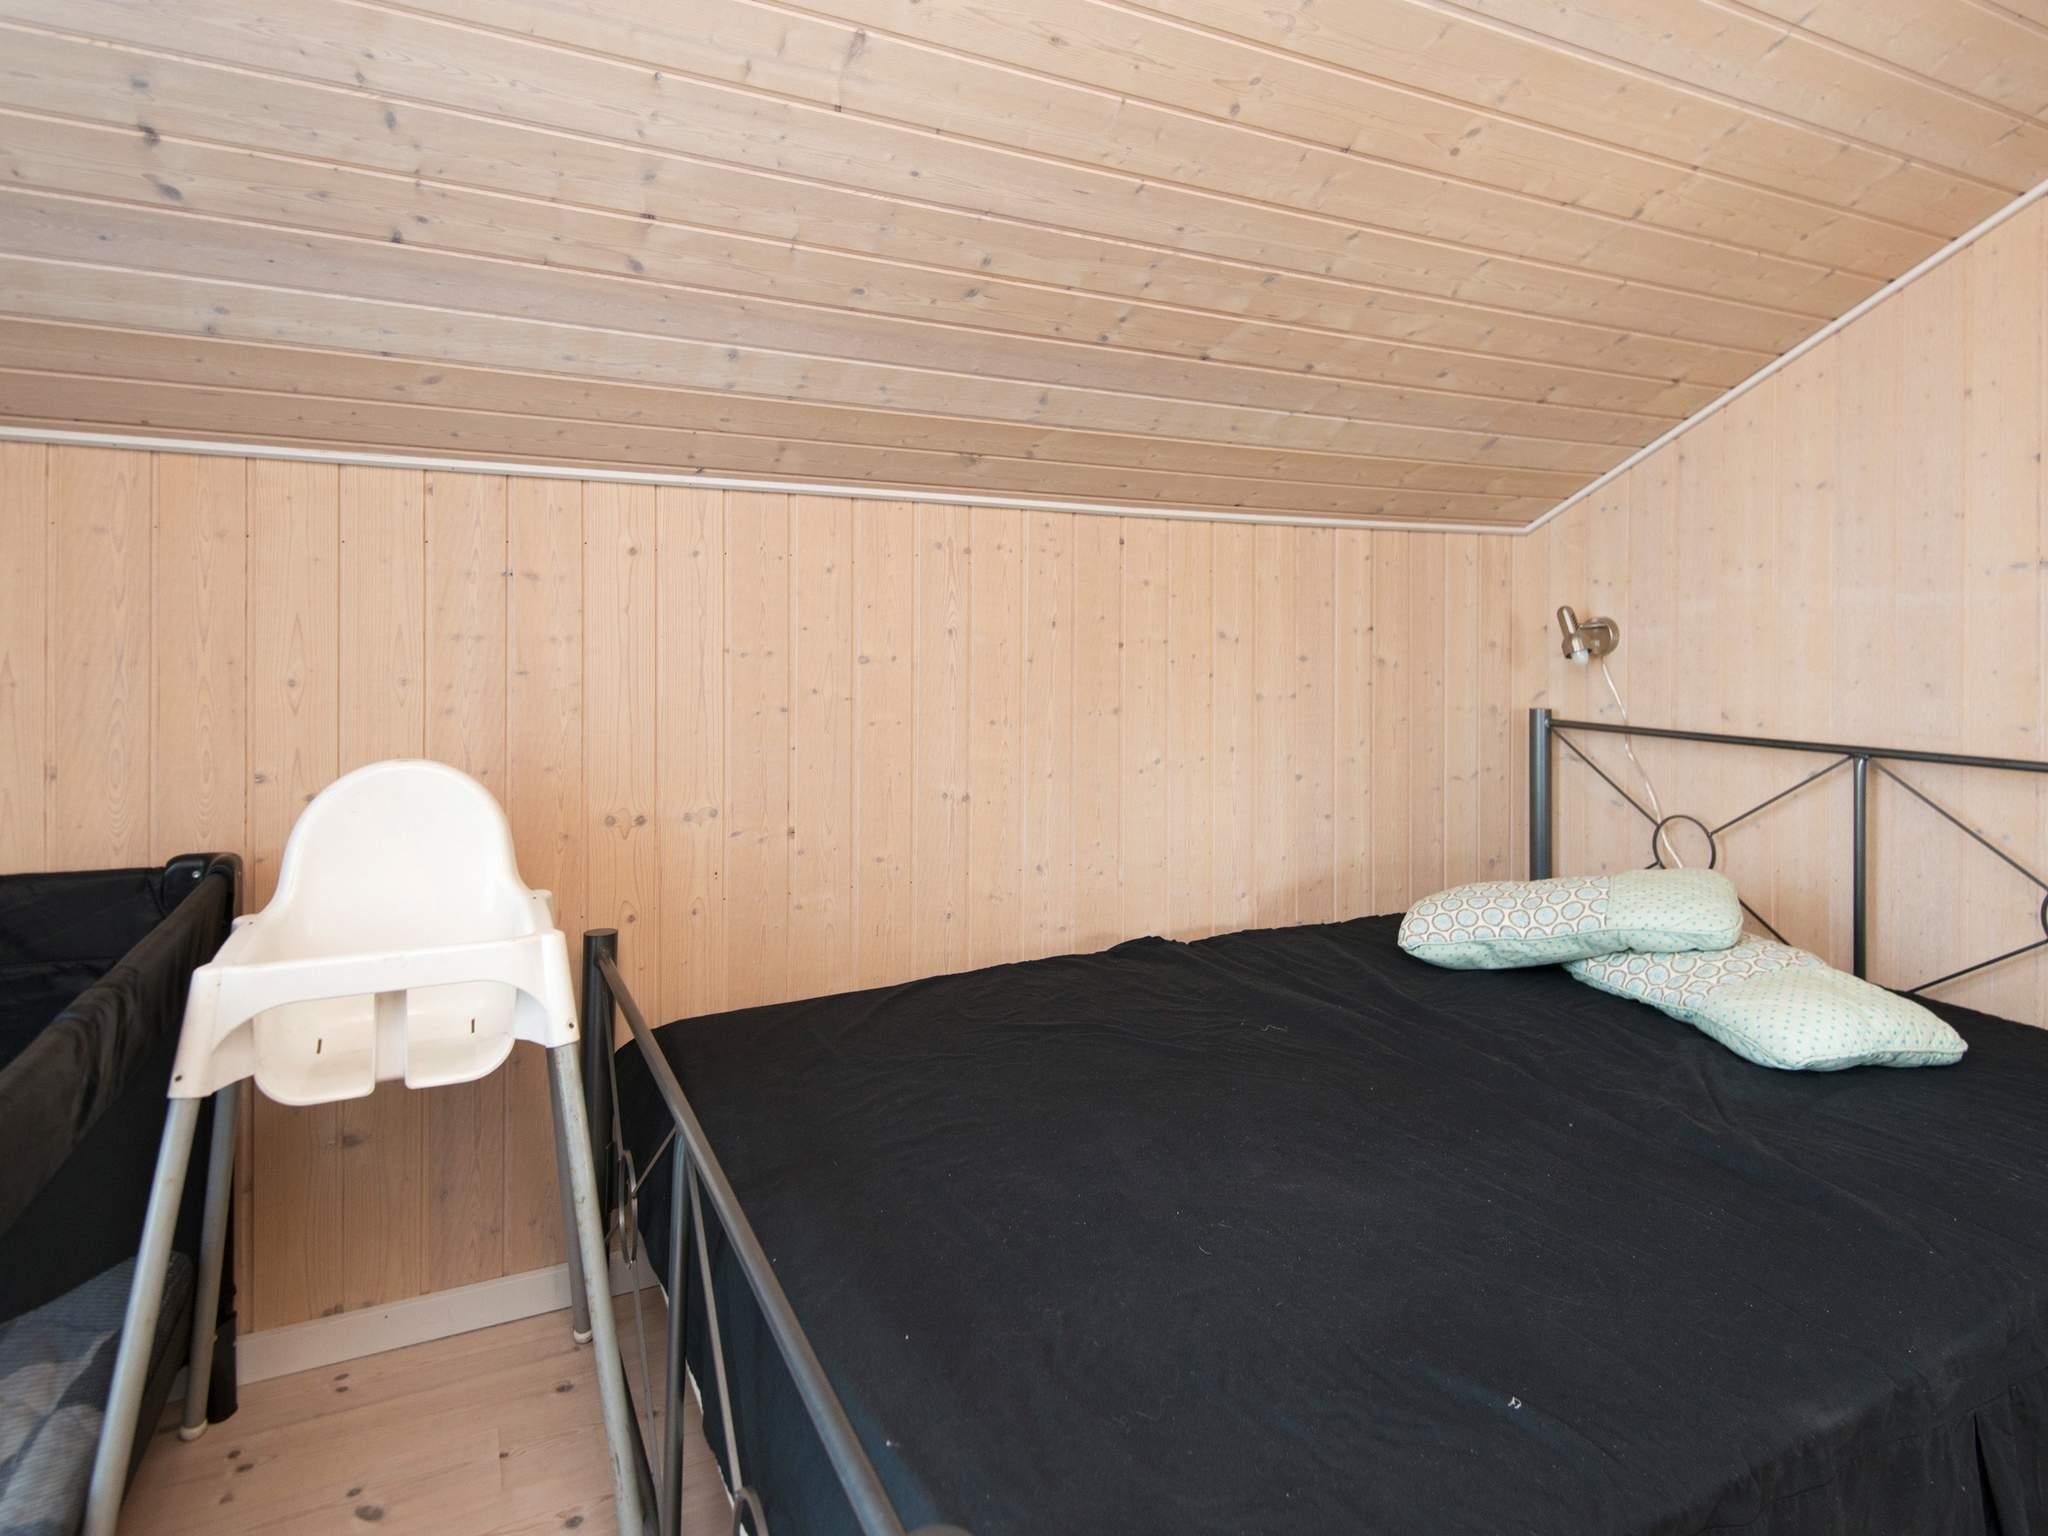 Ferienhaus Bønnerup Strand (601852), Bønnerup, , Ostjütland, Dänemark, Bild 11